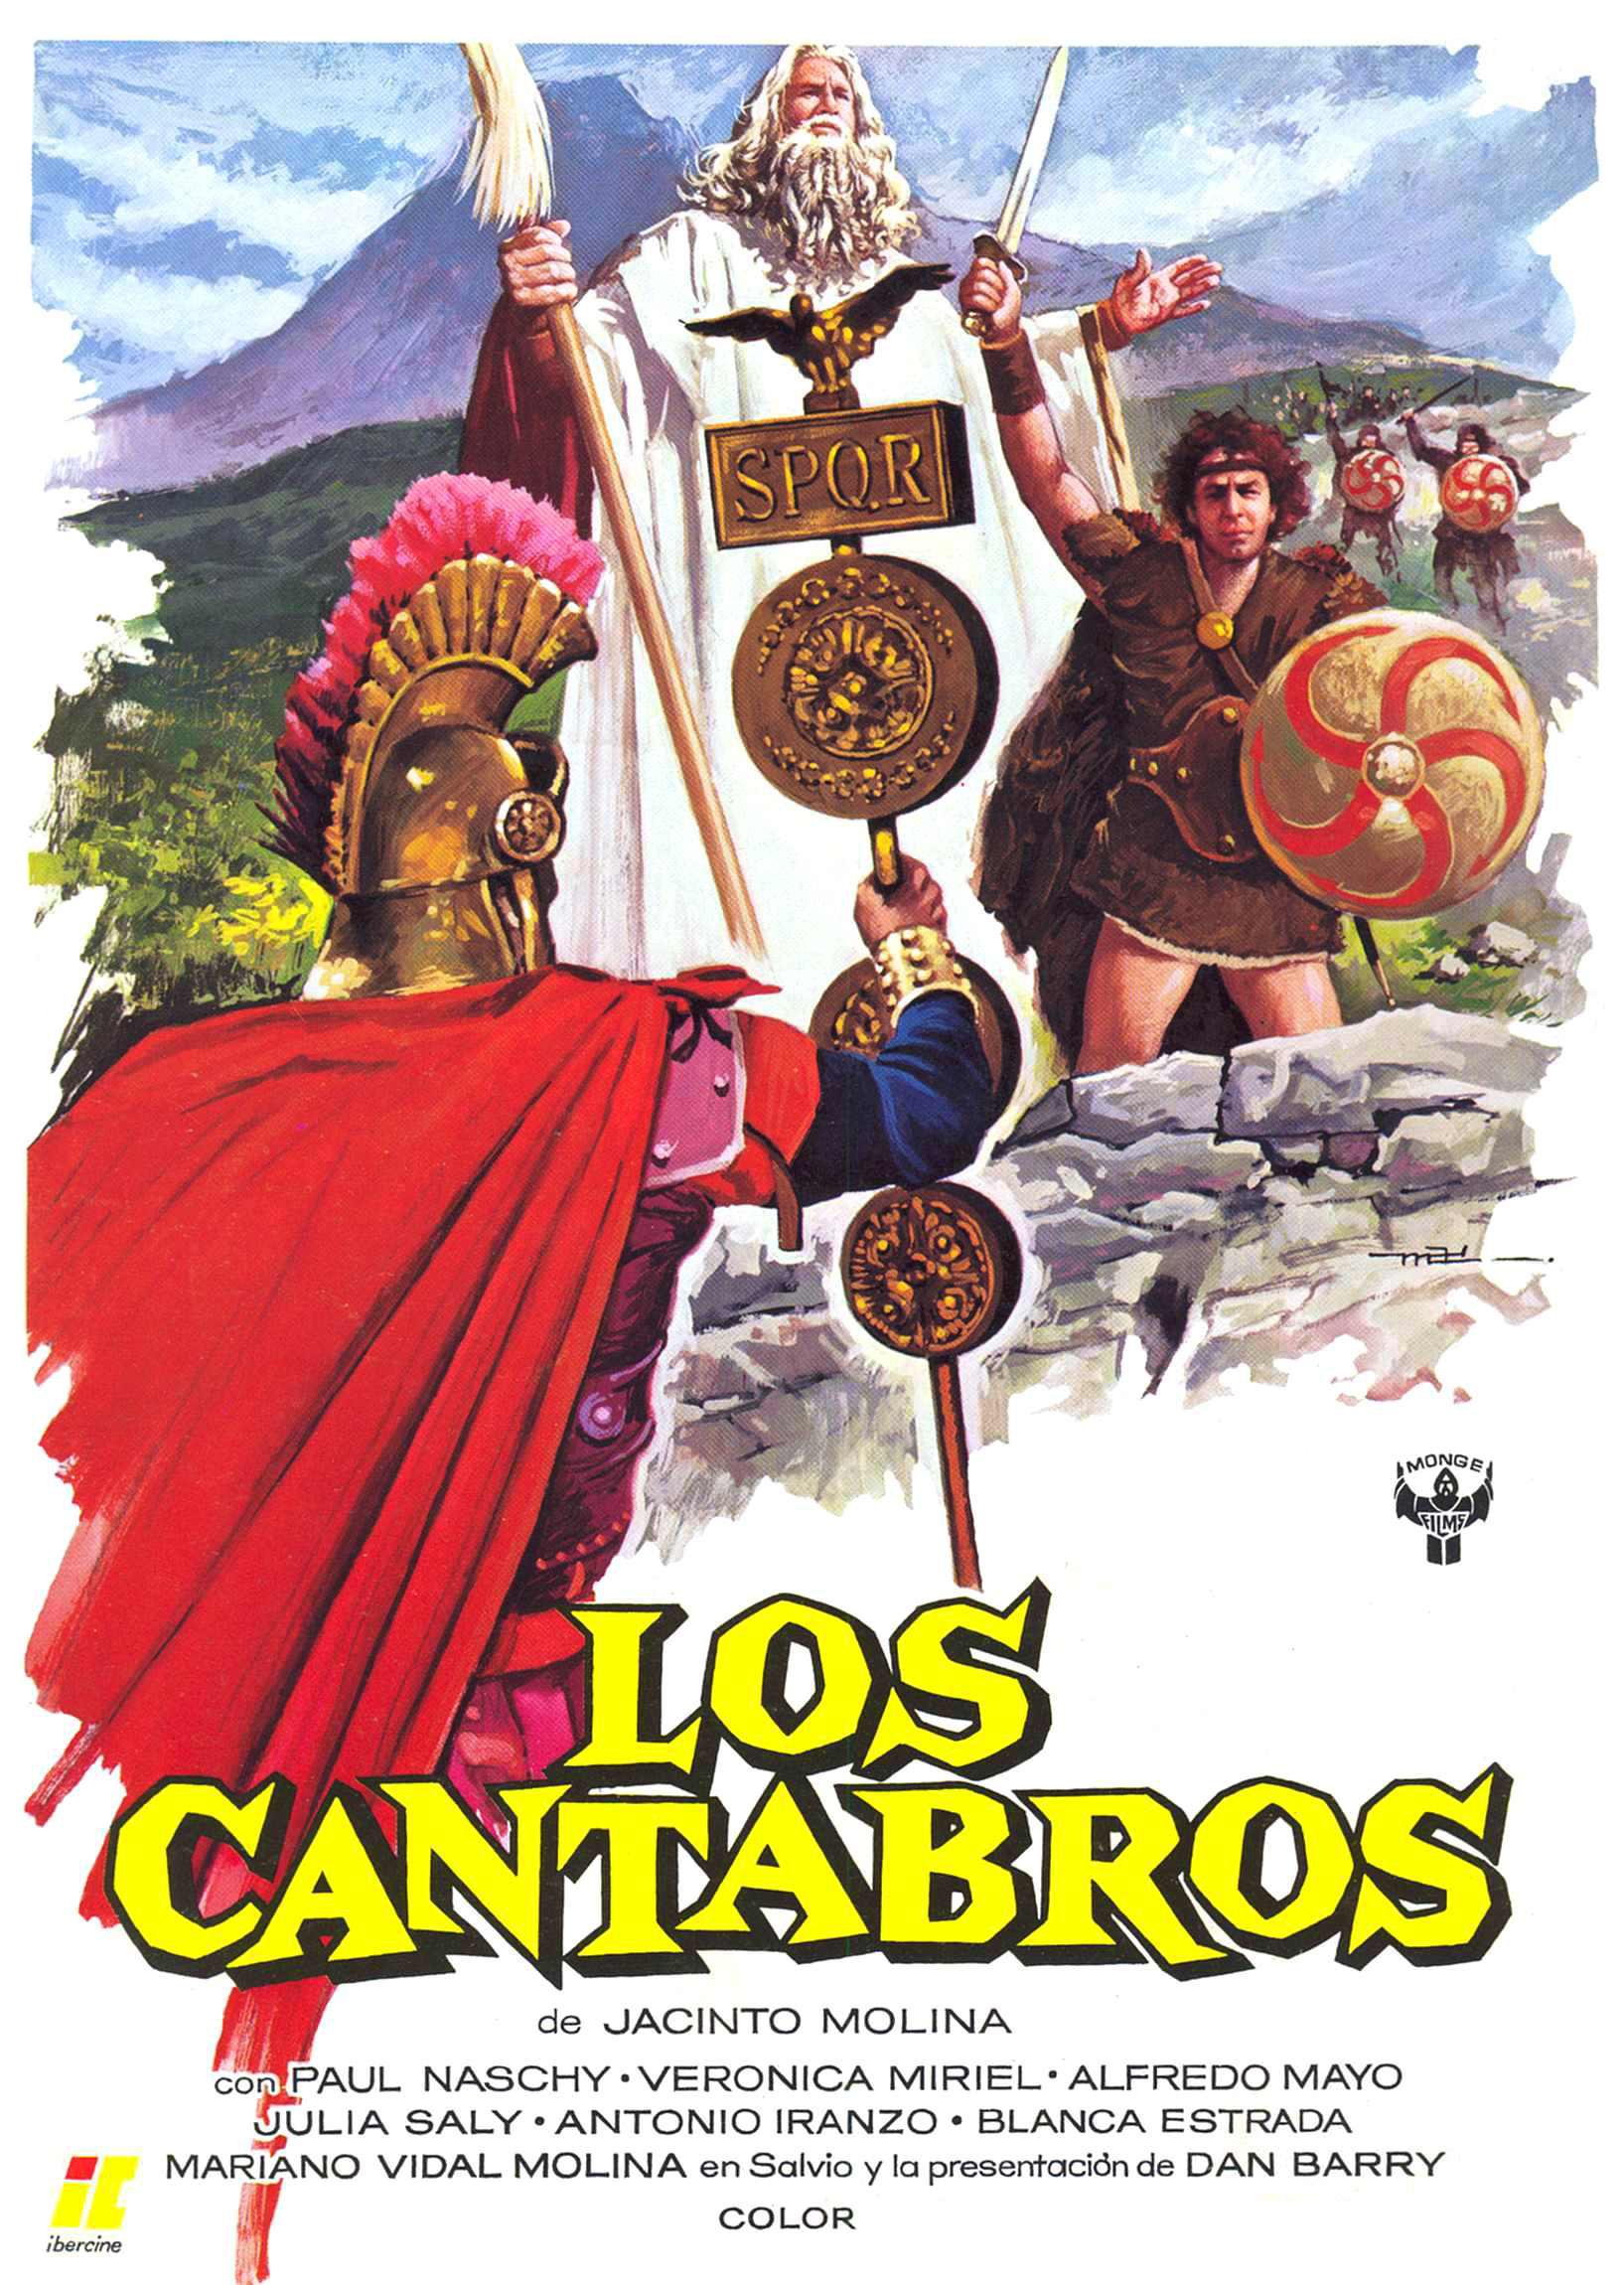 Los Cántabros 1980 Imdb